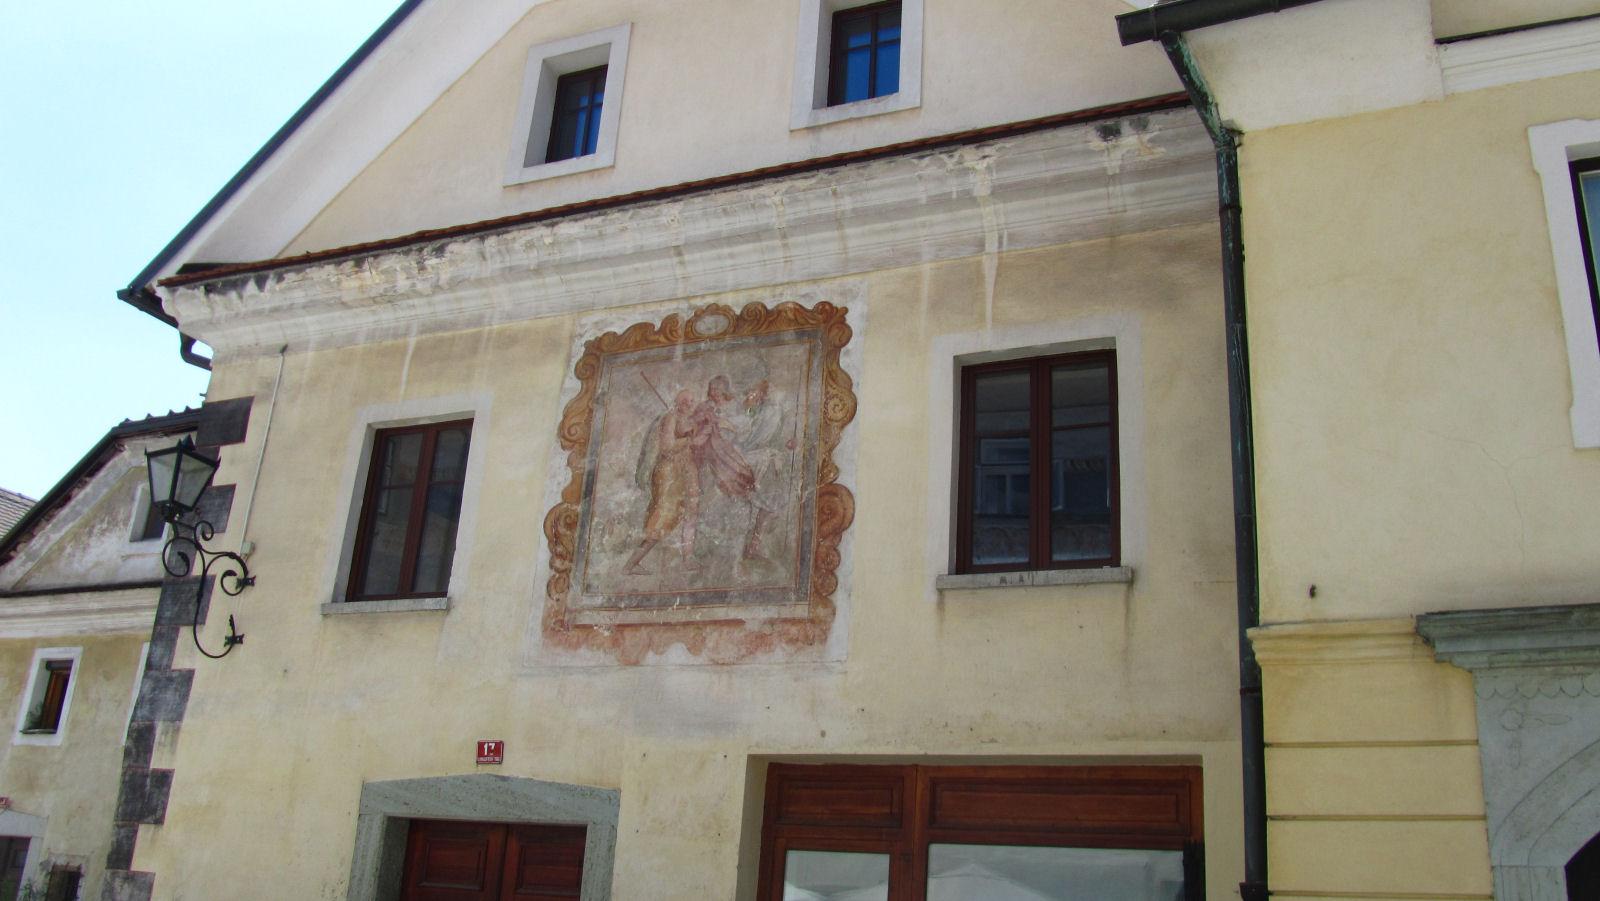 radovljica-medieval-old-town-8331